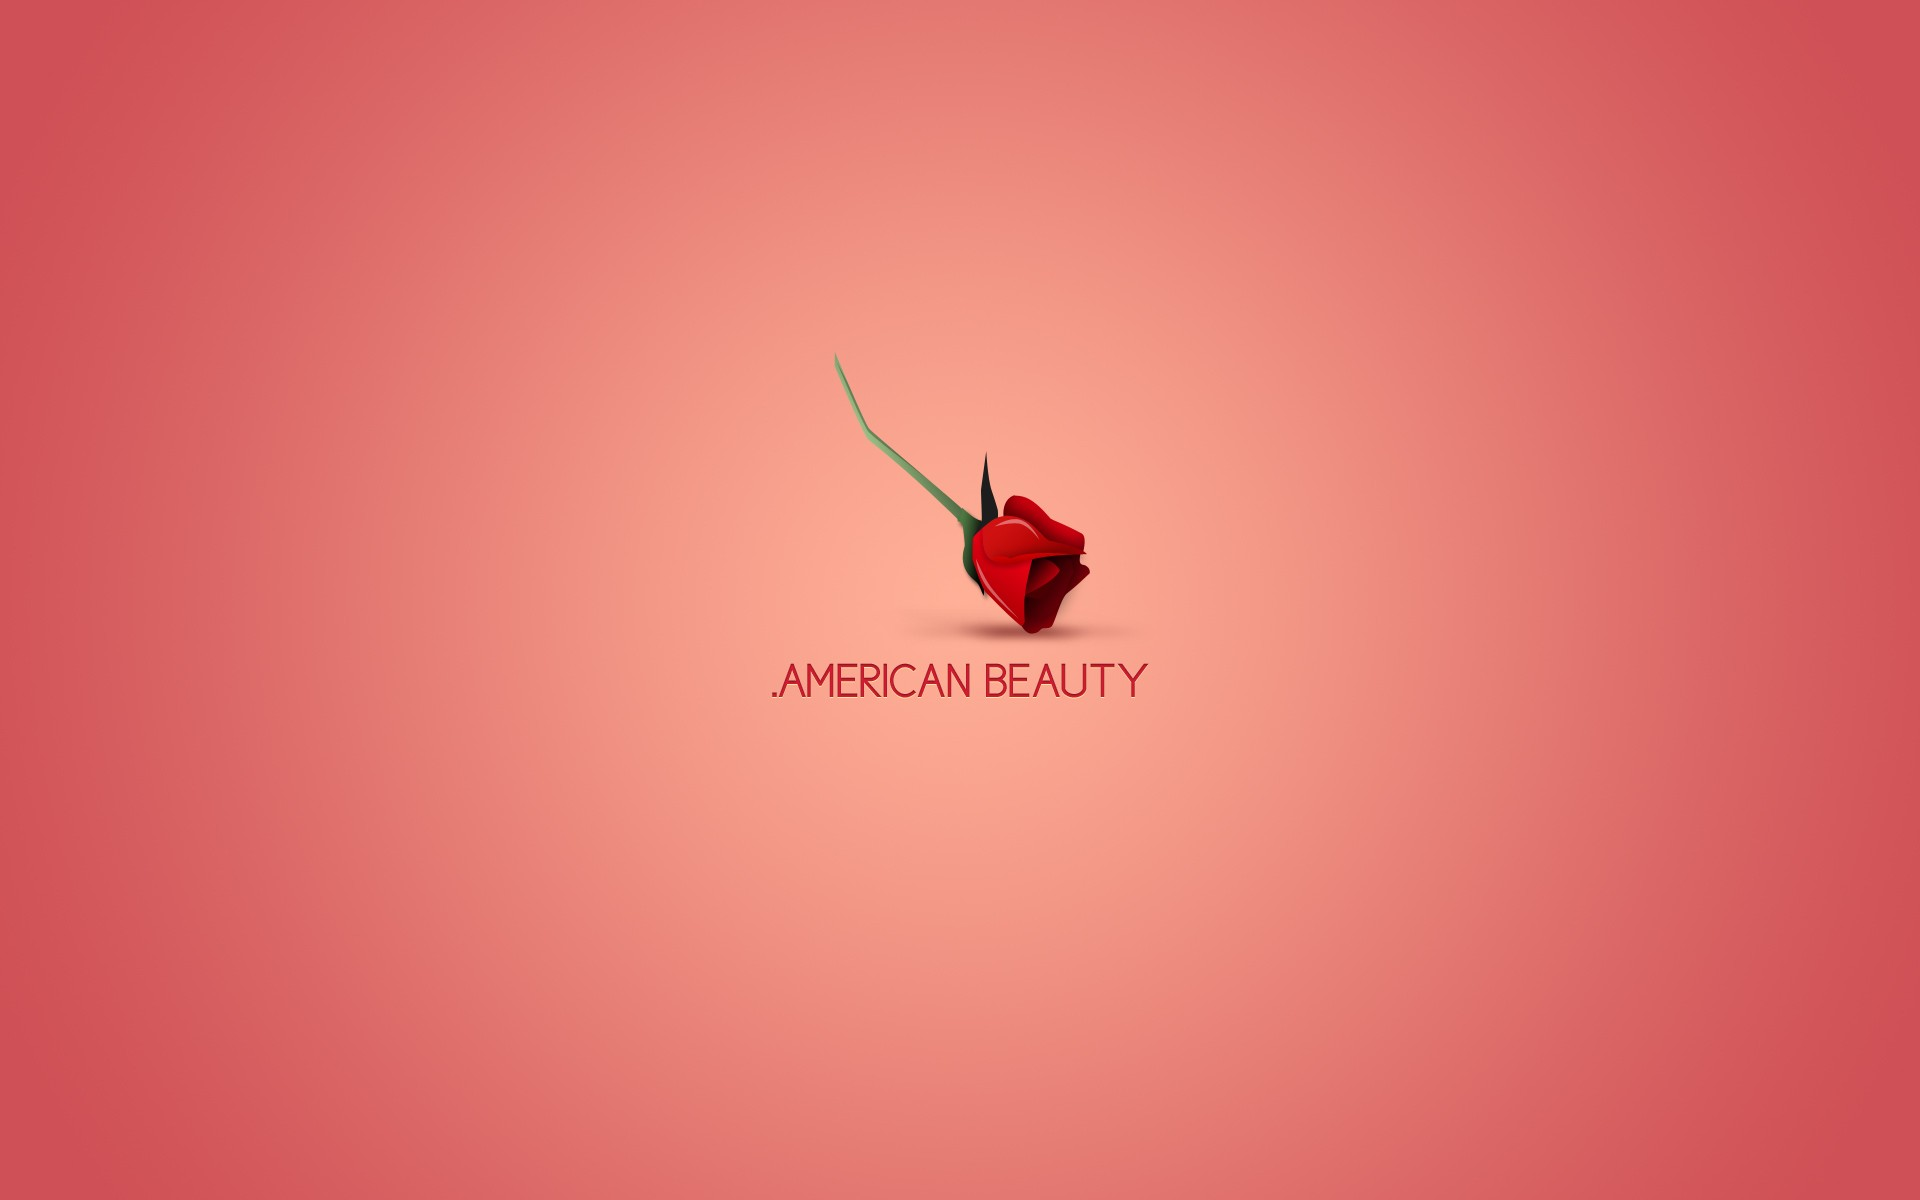 Minimalistic movies American Beauty wallpaper 1920x1200 184226 1920x1200